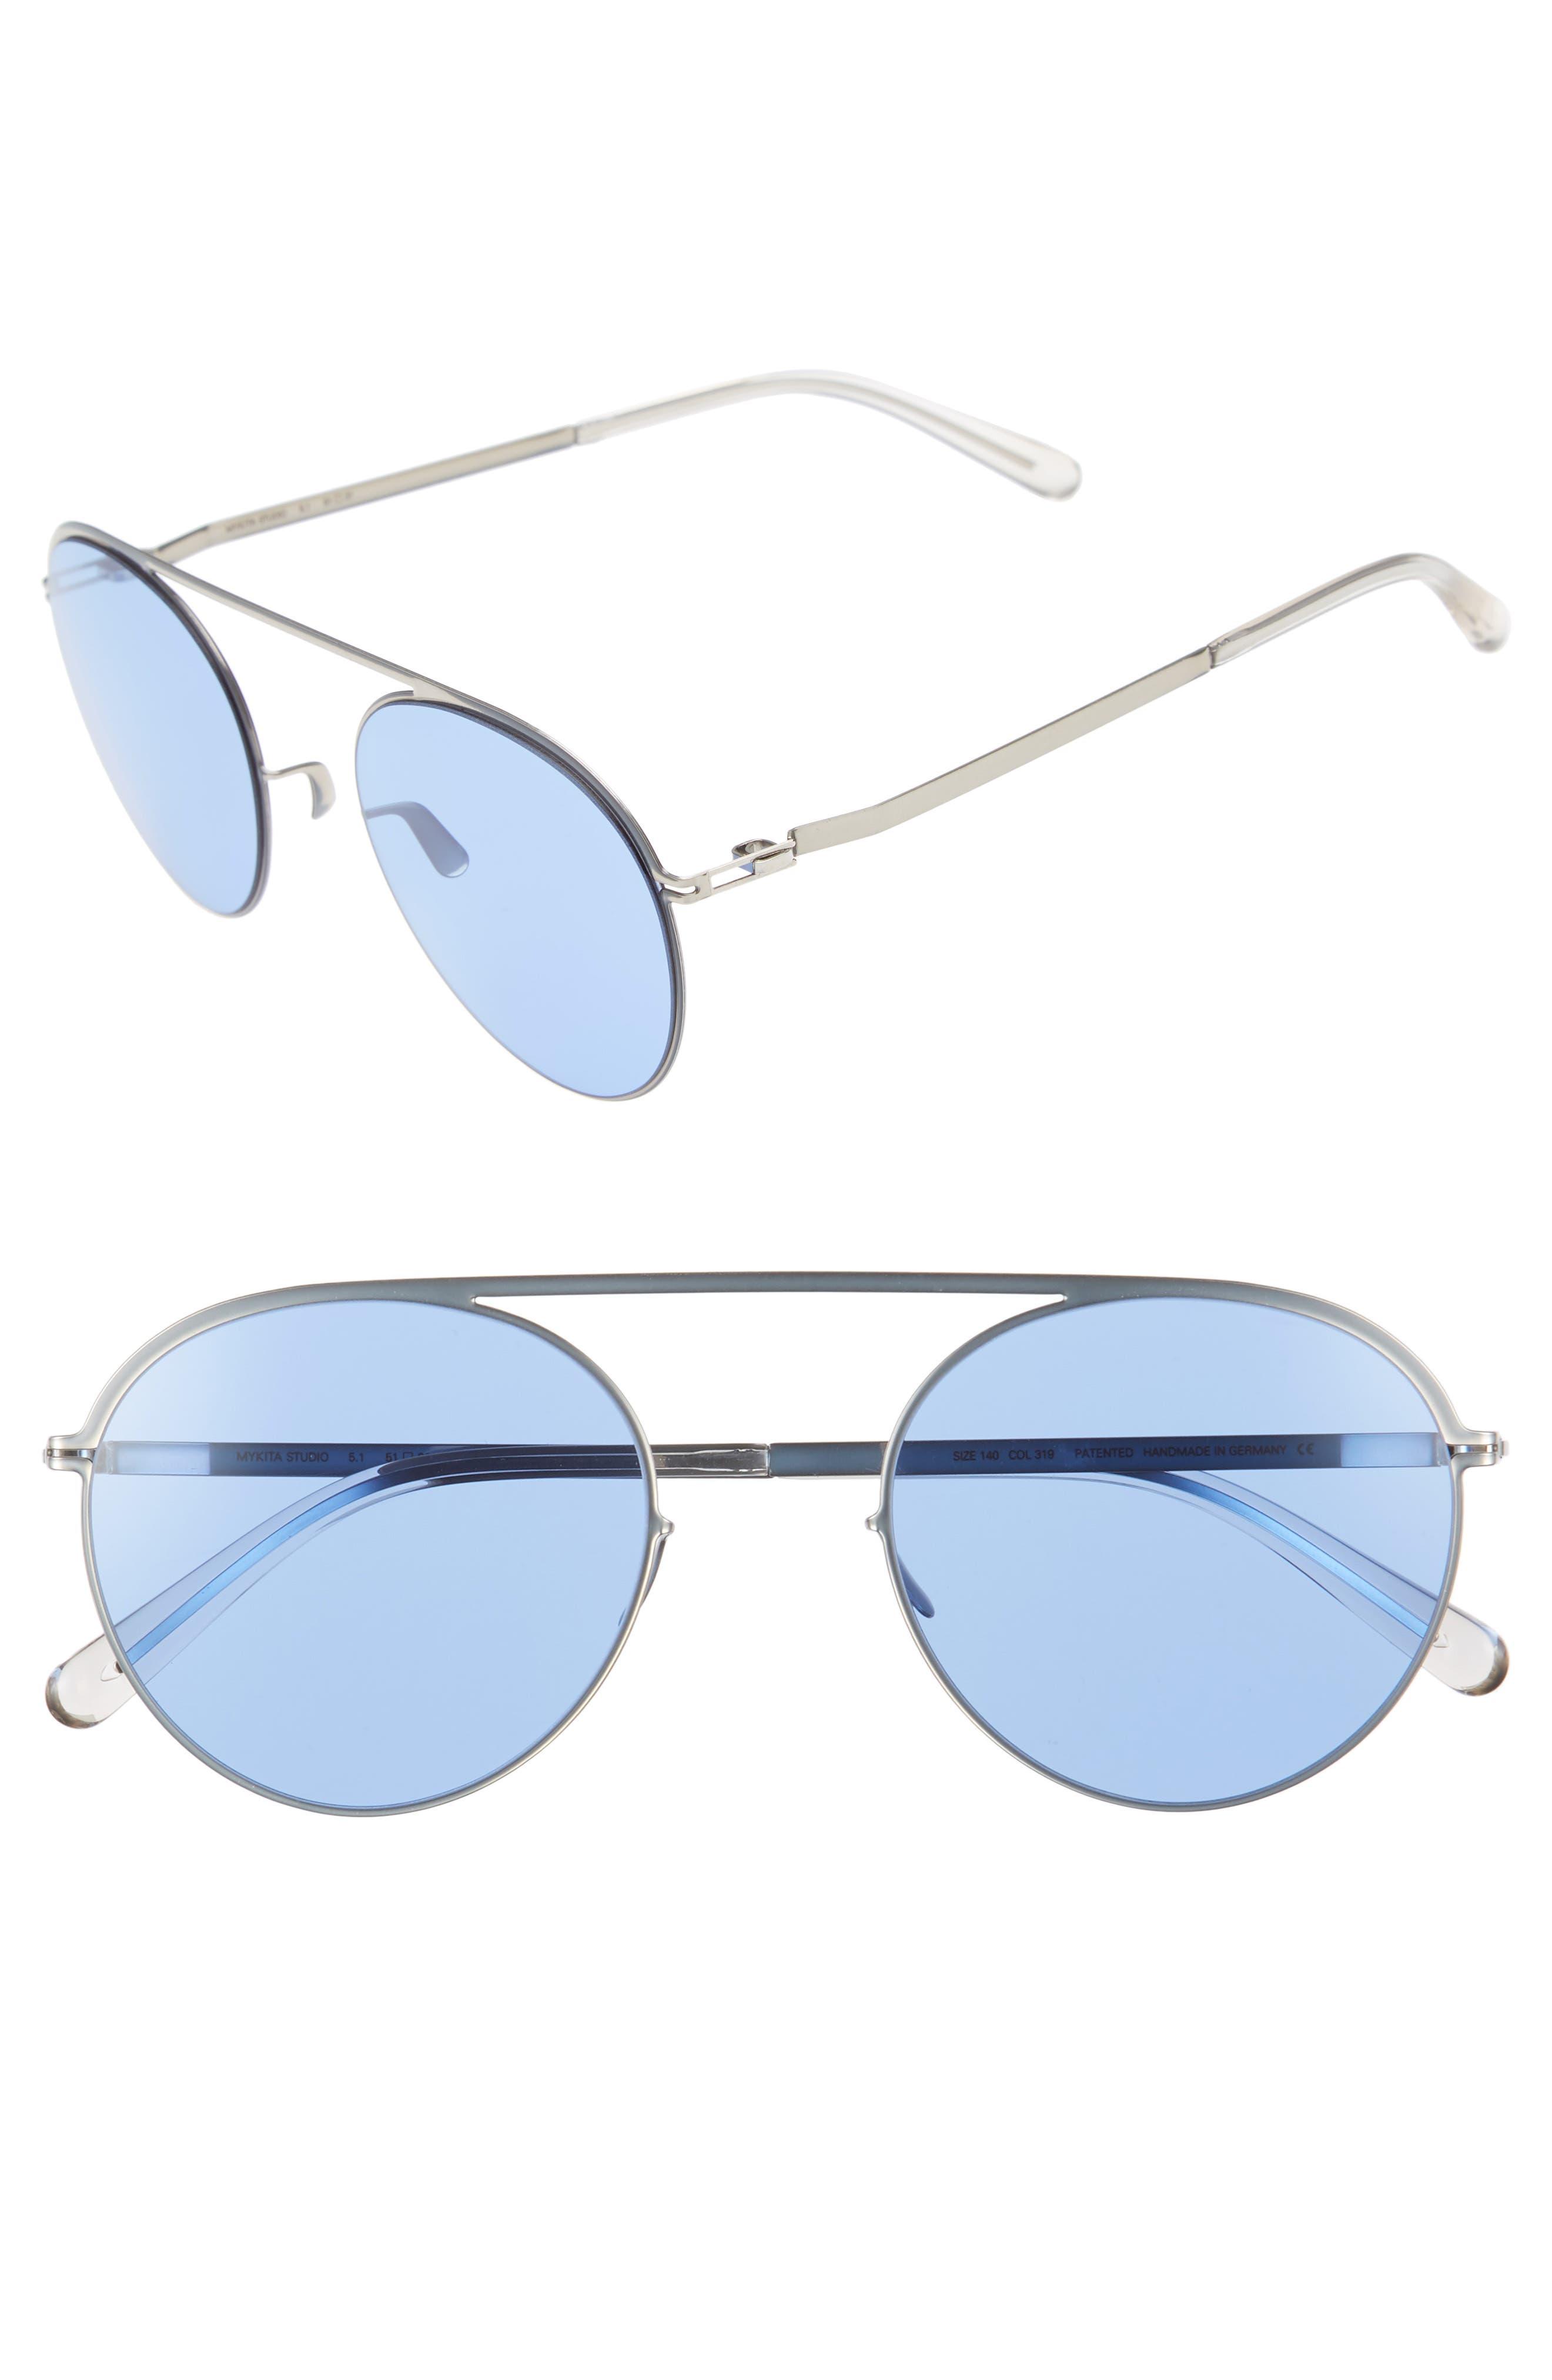 Studio 5.1 51mm Sunglasses,                         Main,                         color, Silver